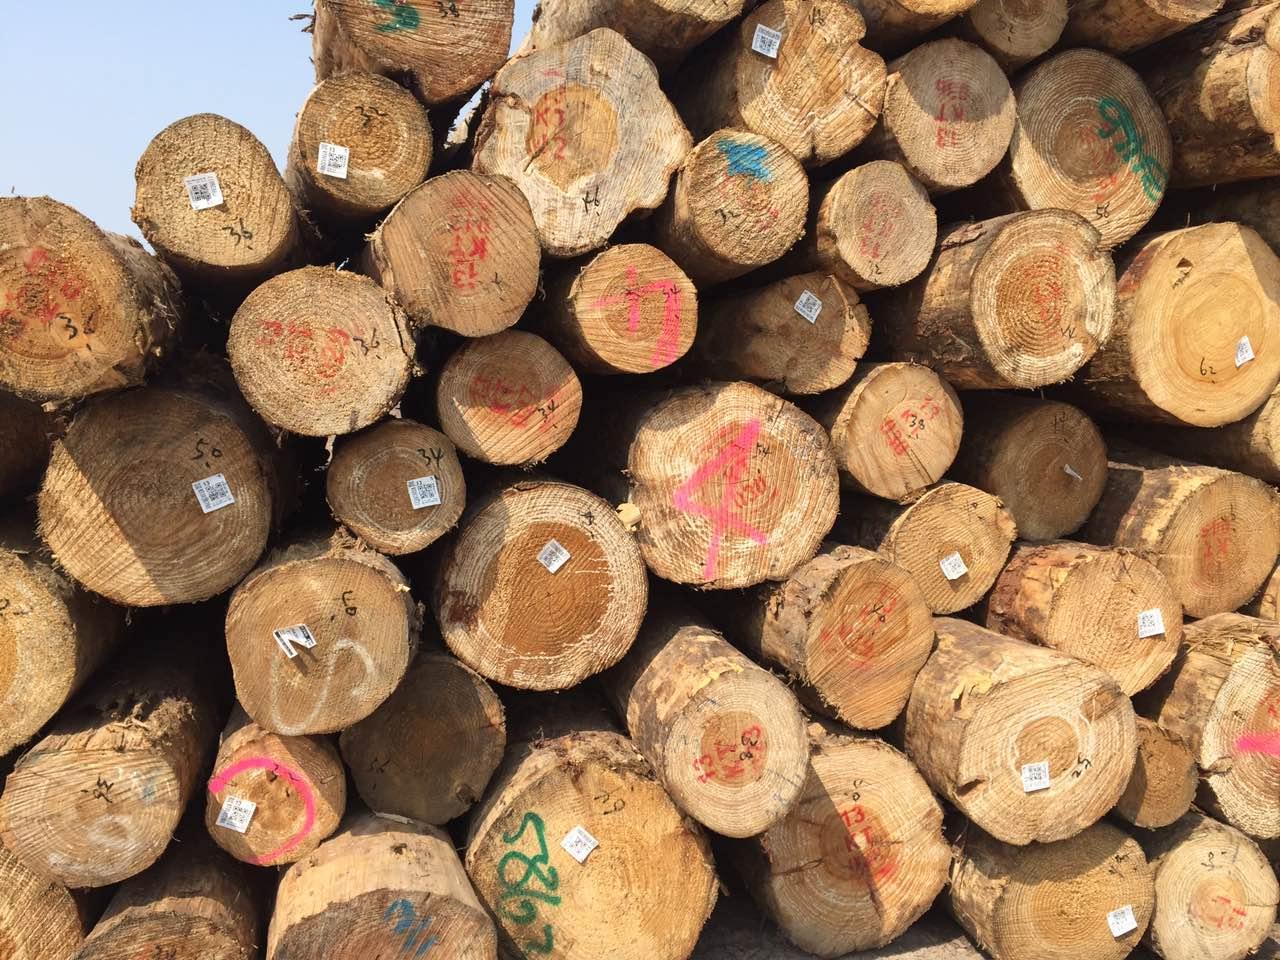 【周评】木材整体行情冷淡,出货速度减缓